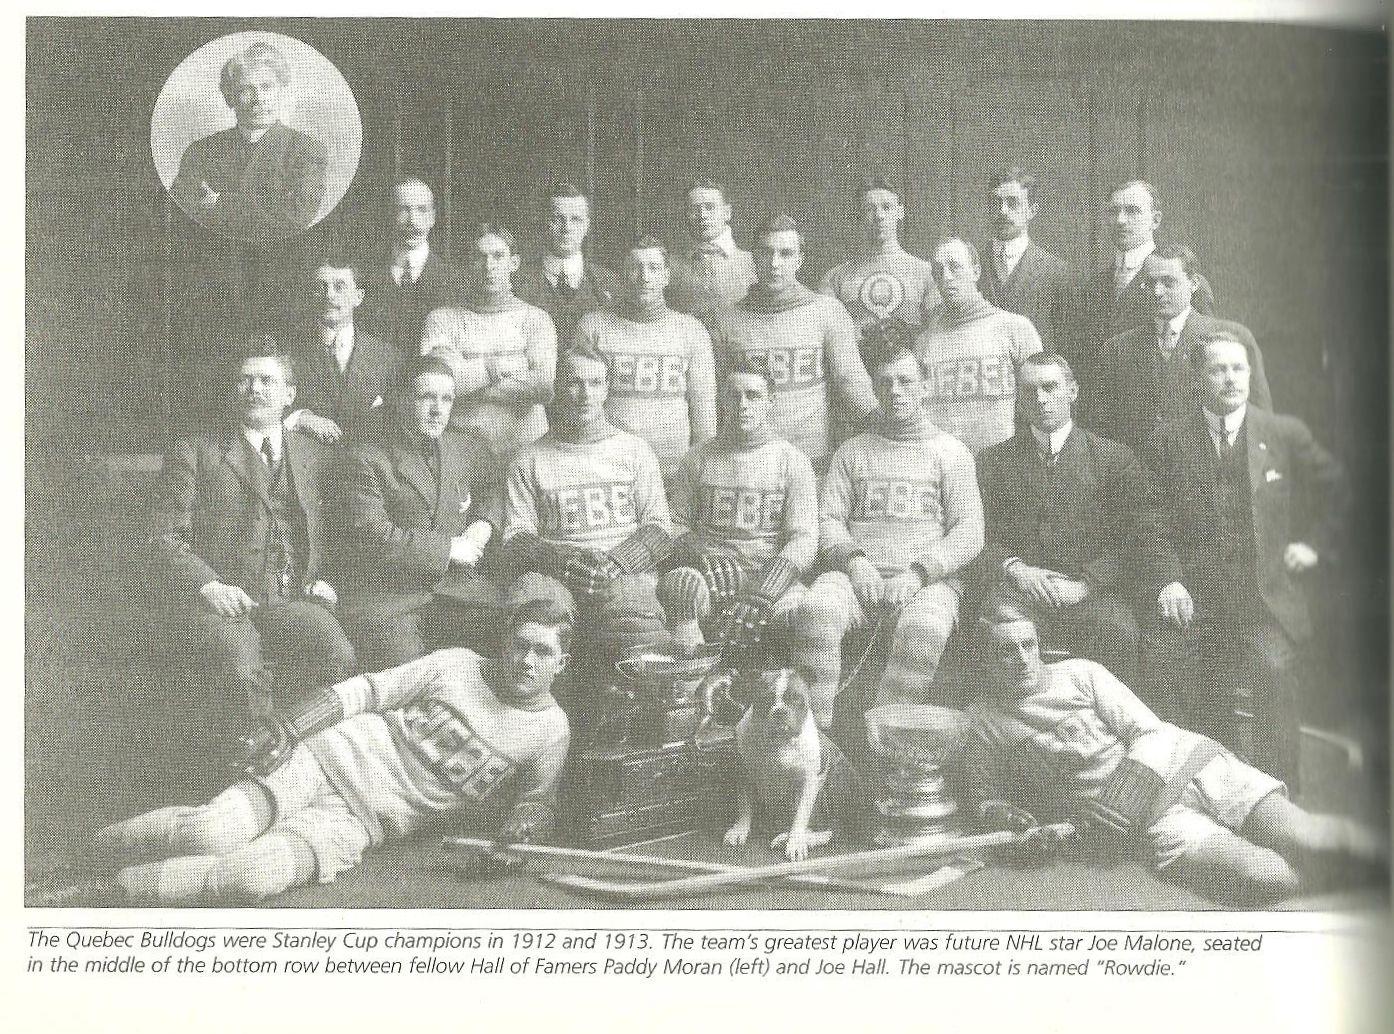 квебек бульдогс-1912-13..jpg